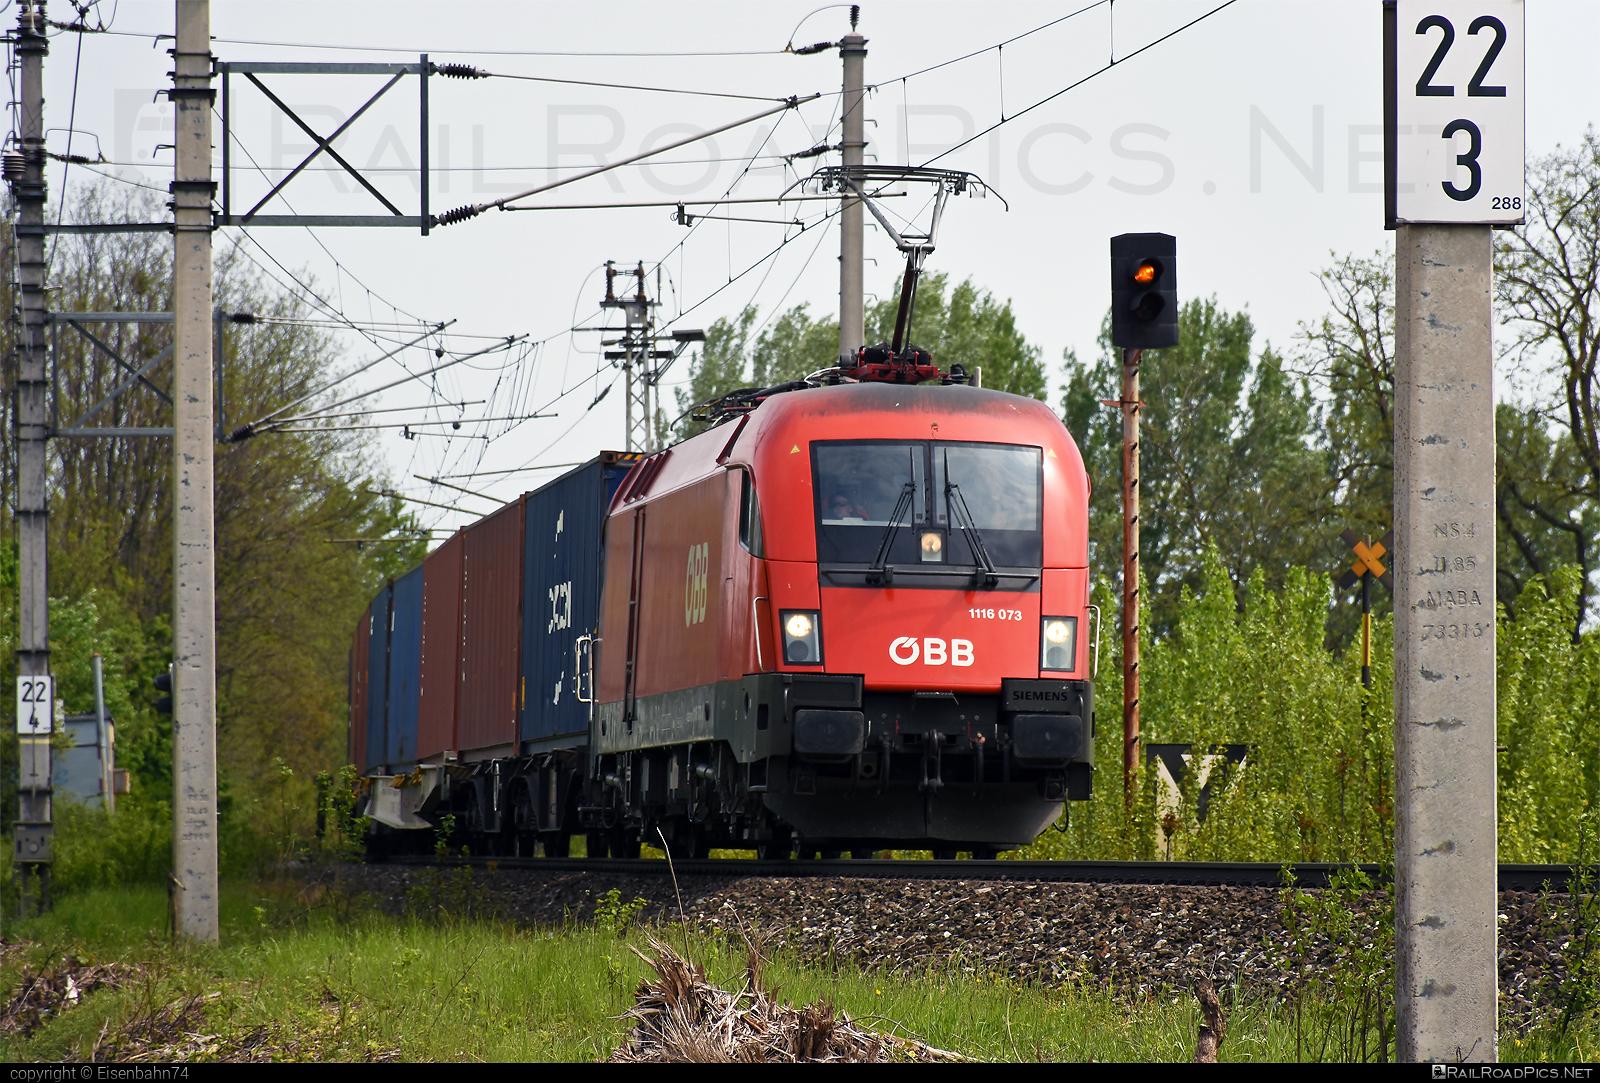 Siemens ES 64 U2 - 1116 073 operated by Rail Cargo Austria AG #es64 #es64u #es64u2 #eurosprinter #flatwagon #obb #osterreichischebundesbahnen #rcw #siemens #siemenses64 #siemenses64u #siemenses64u2 #siemenstaurus #taurus #tauruslocomotive